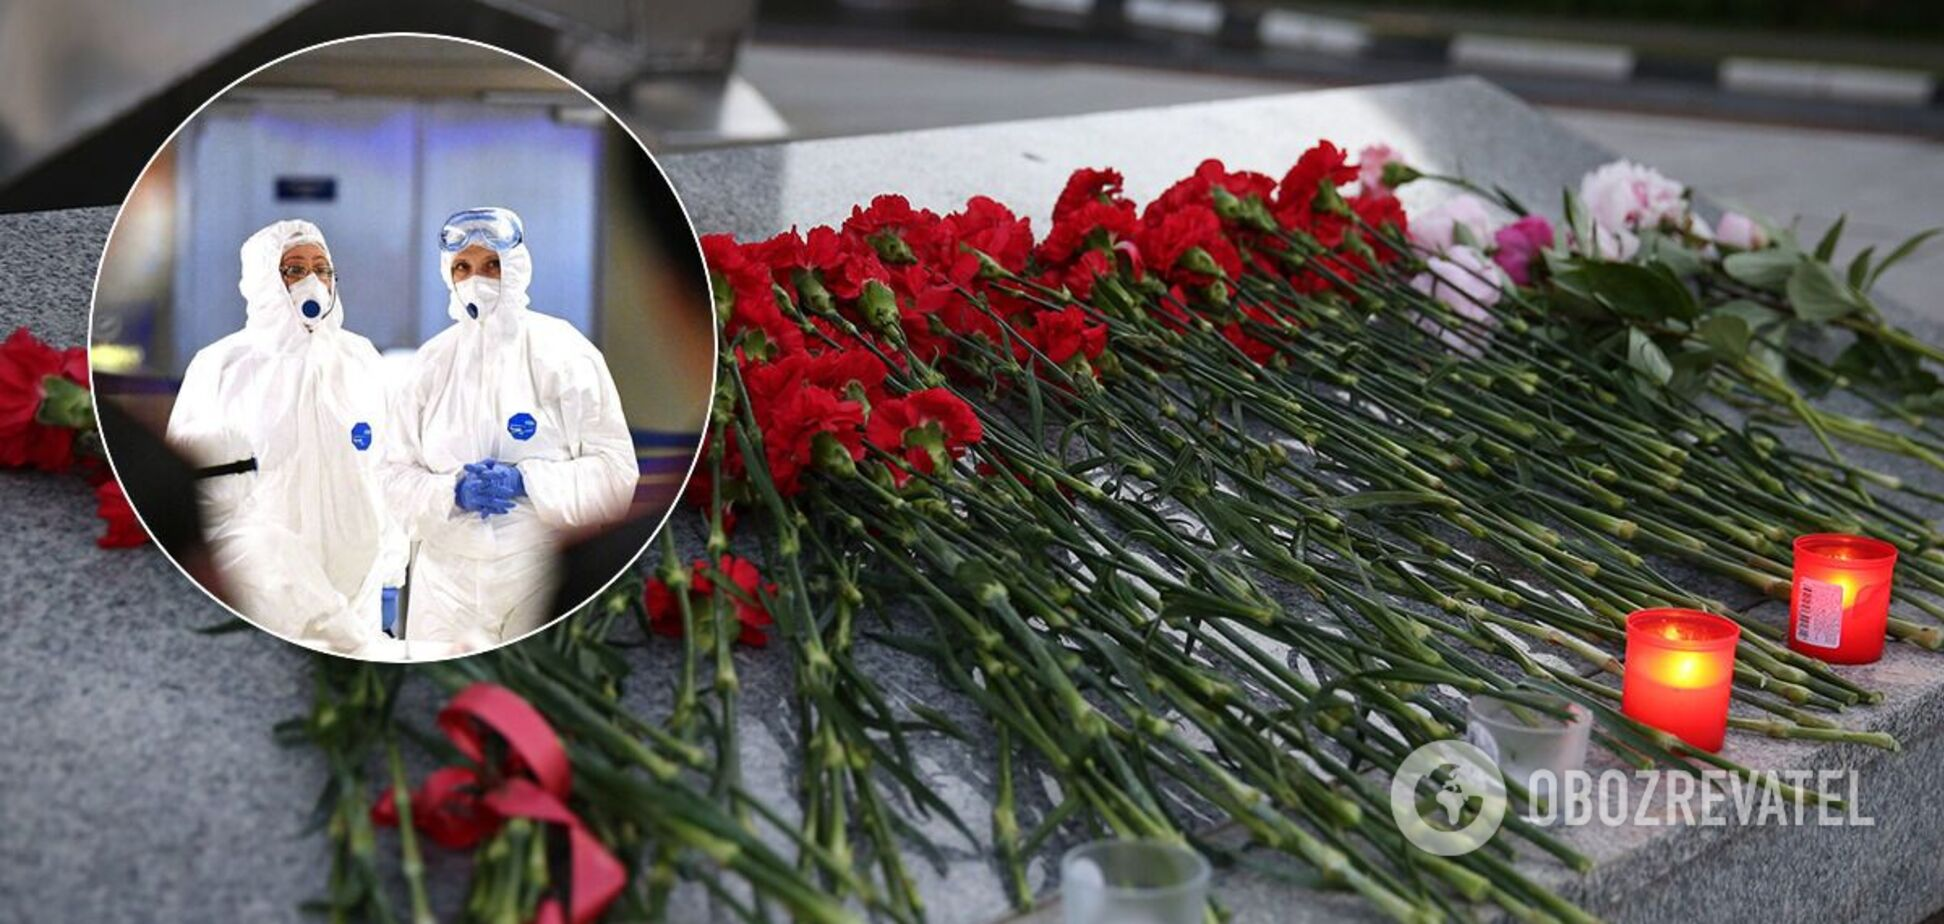 Родини загиблих від COVID-19 медиків вимушені боротися за компенсацію, – Зінкевич